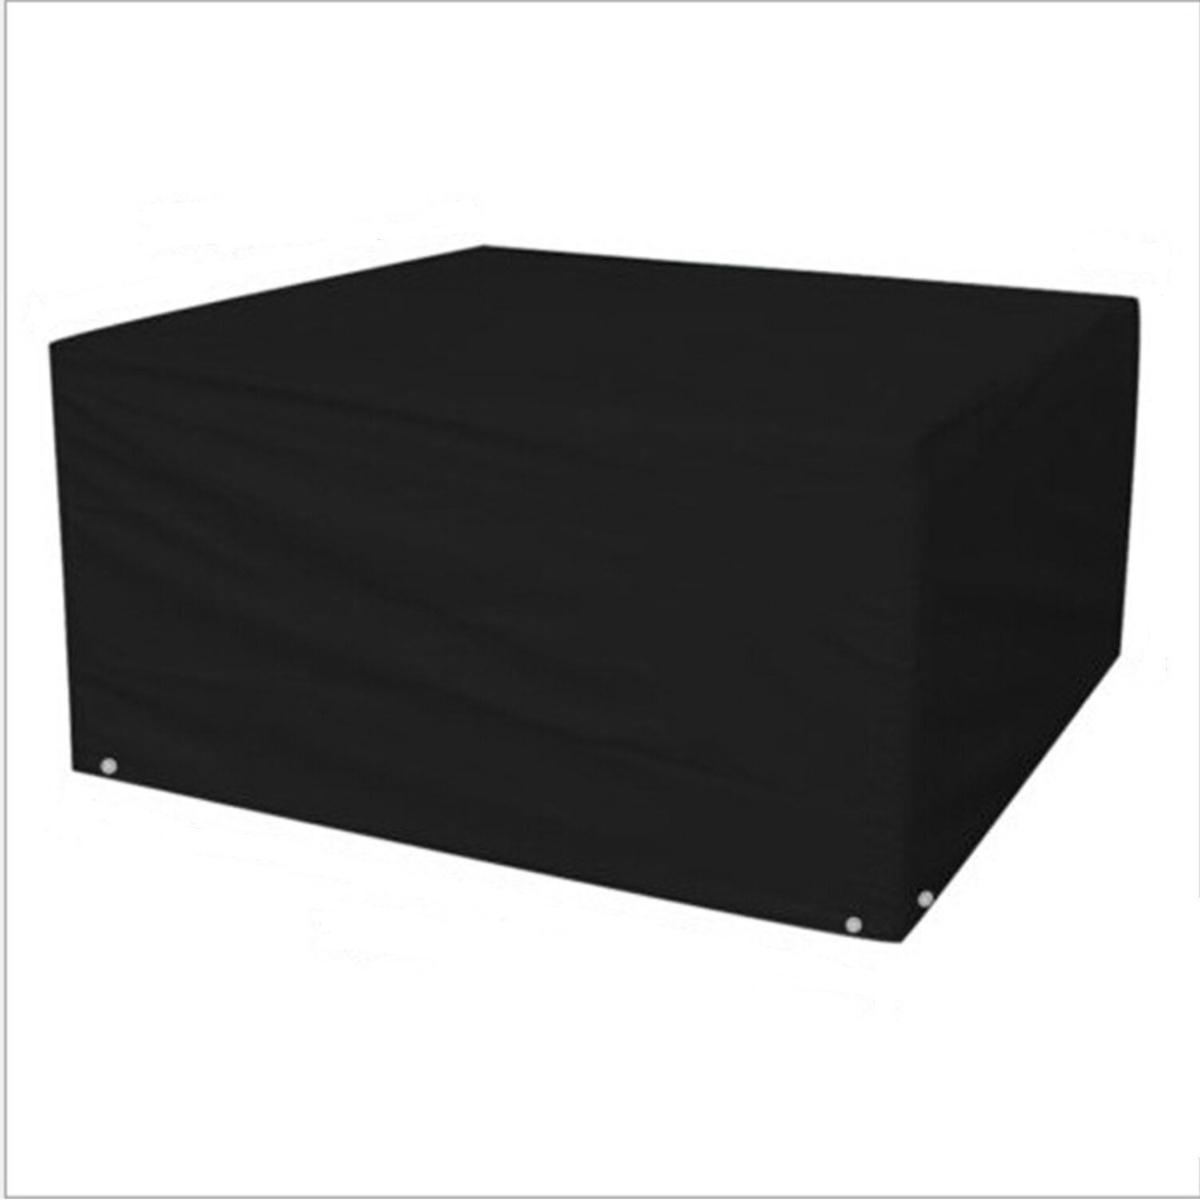 housse de protection pour salon de jardin 10 places. Black Bedroom Furniture Sets. Home Design Ideas